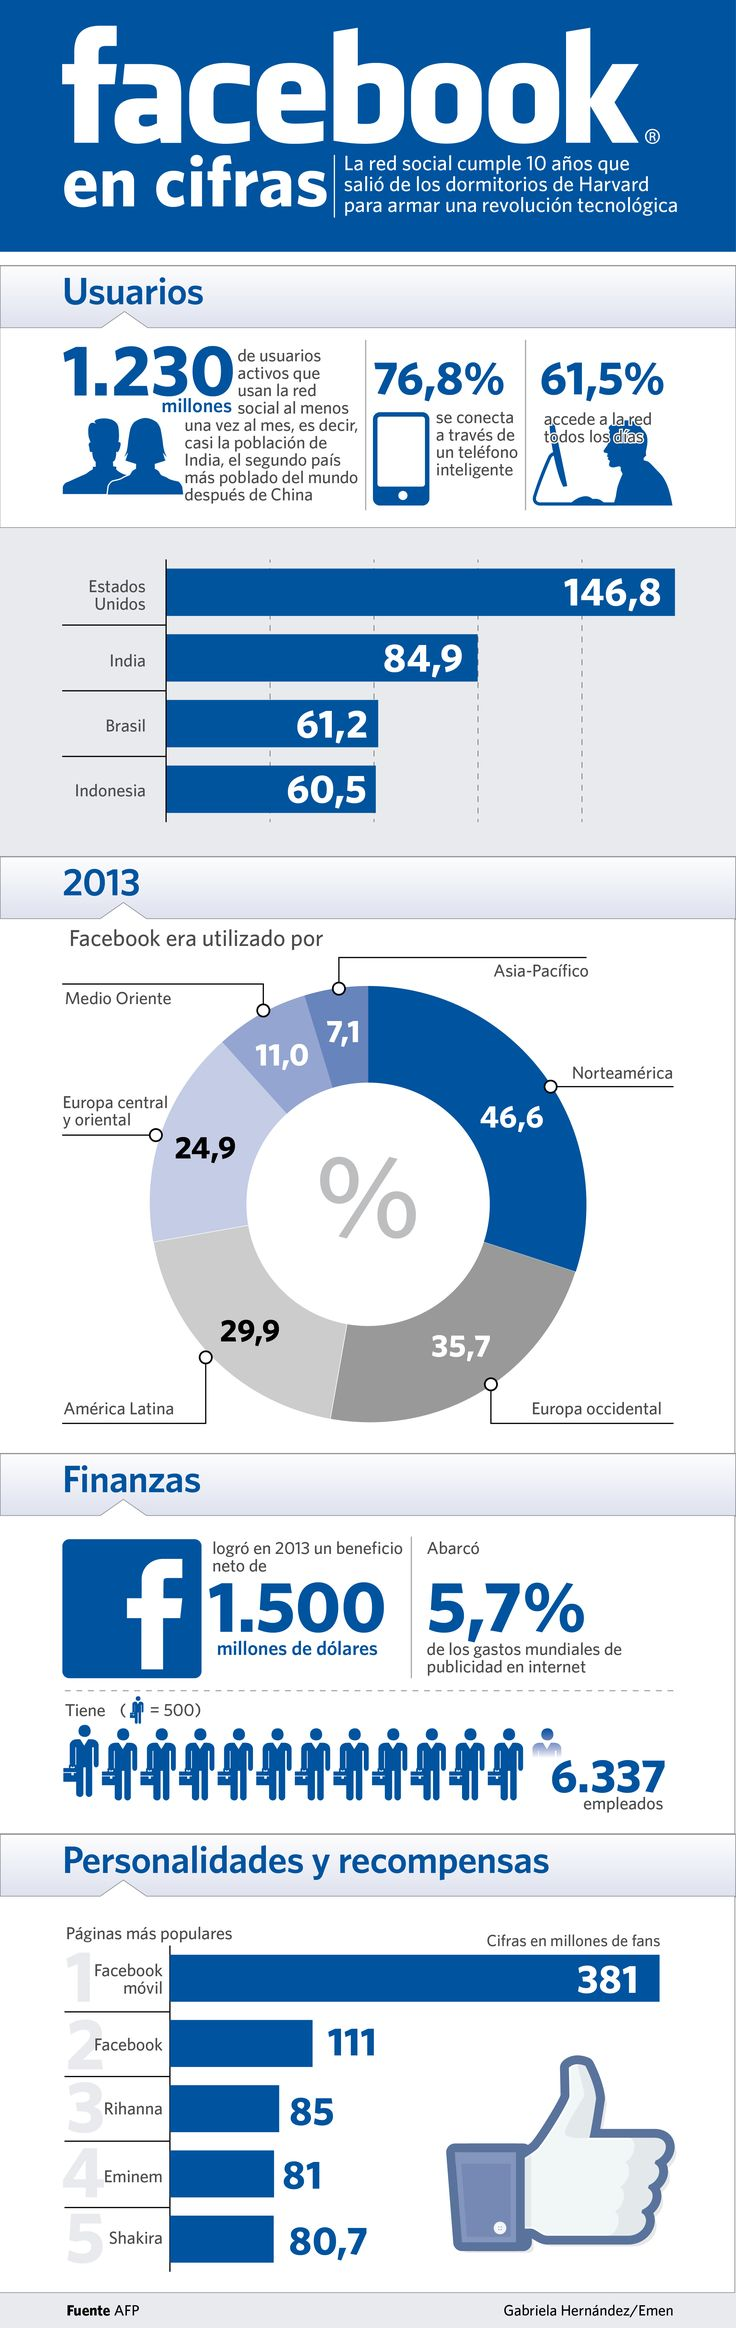 Facebook en cifras. ¿Sabías que si Facebook fuese un país sería el tercero más poblado de la Tierra? #cpcr53